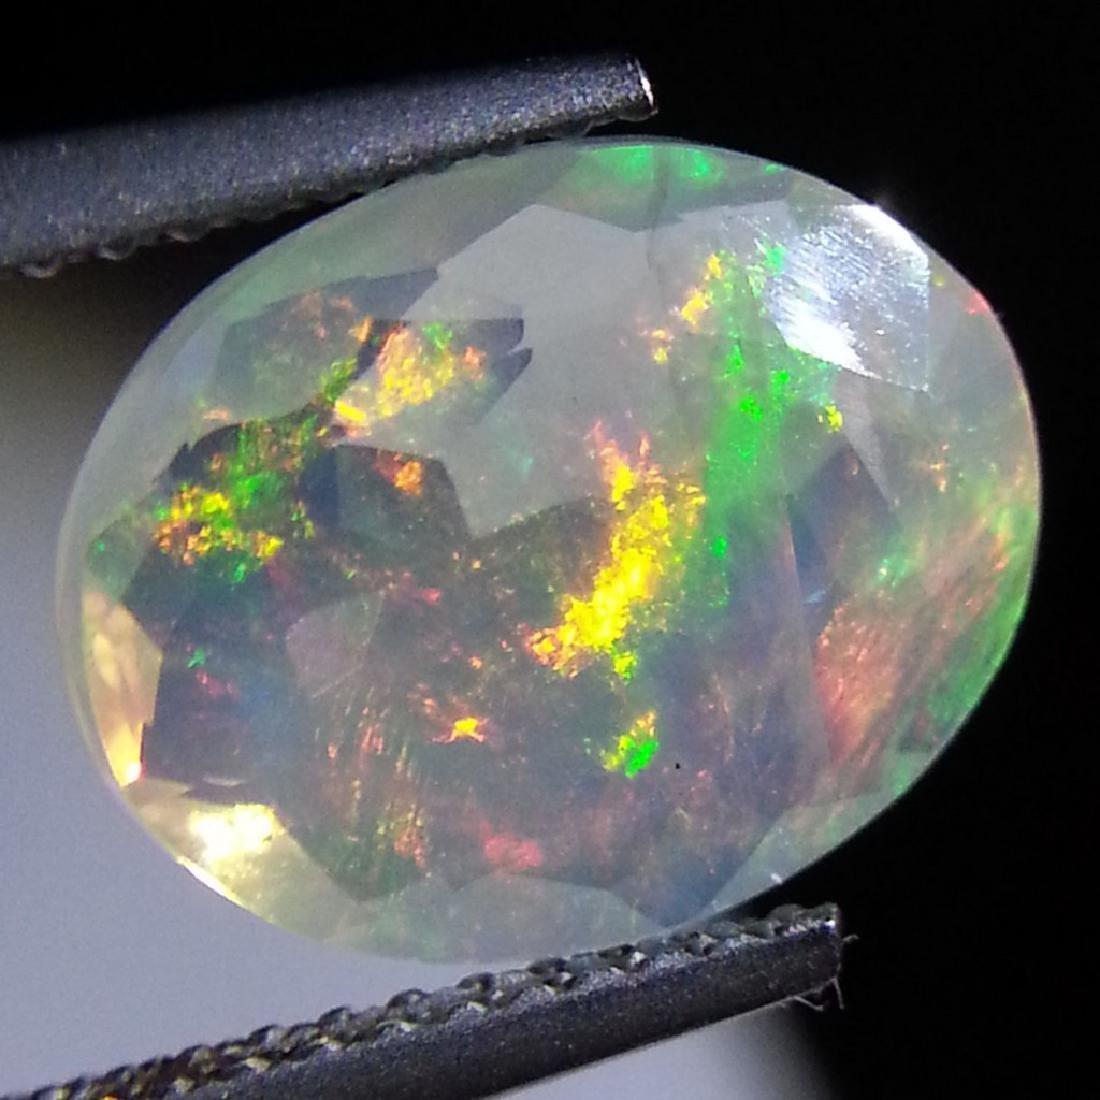 Fire Opal - 2.76 ct